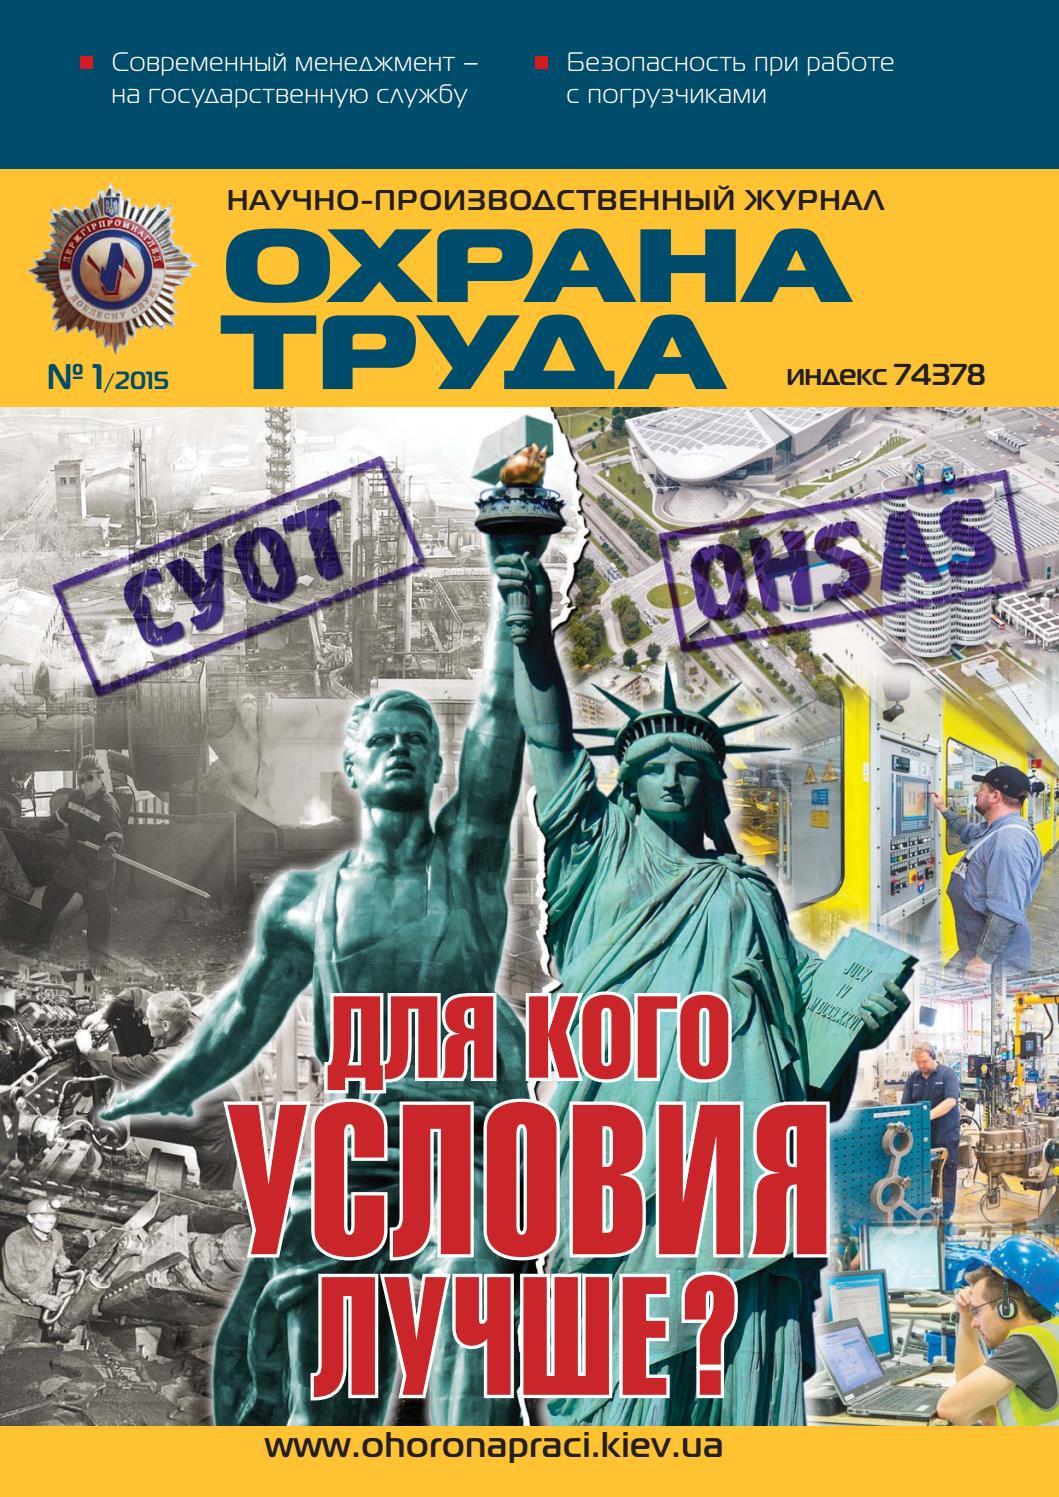 инструкции по охране труда для комбината азовсталь оператор пу украина